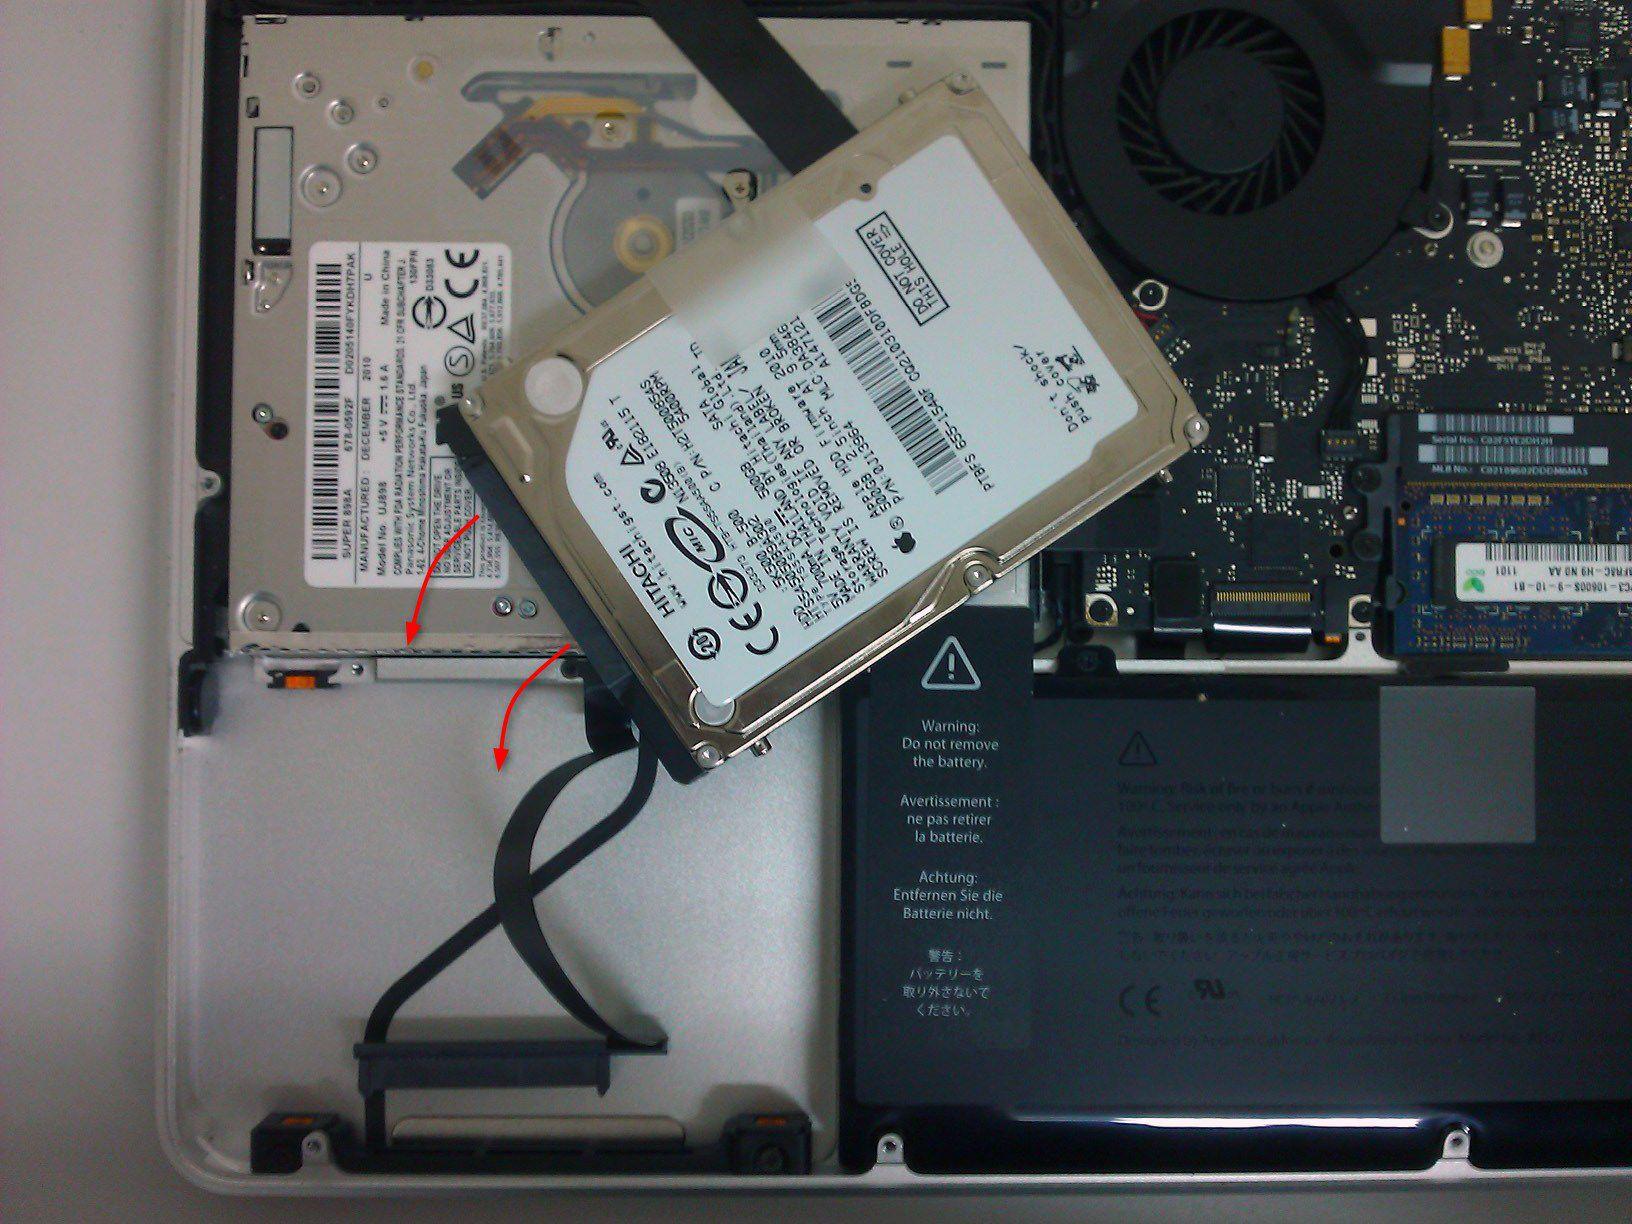 06-So-gehts-MacBook-Pro-mit-SSD-nachruesten-HDD-Anschluss-loesen-470.jpg?nocache=1318607524508